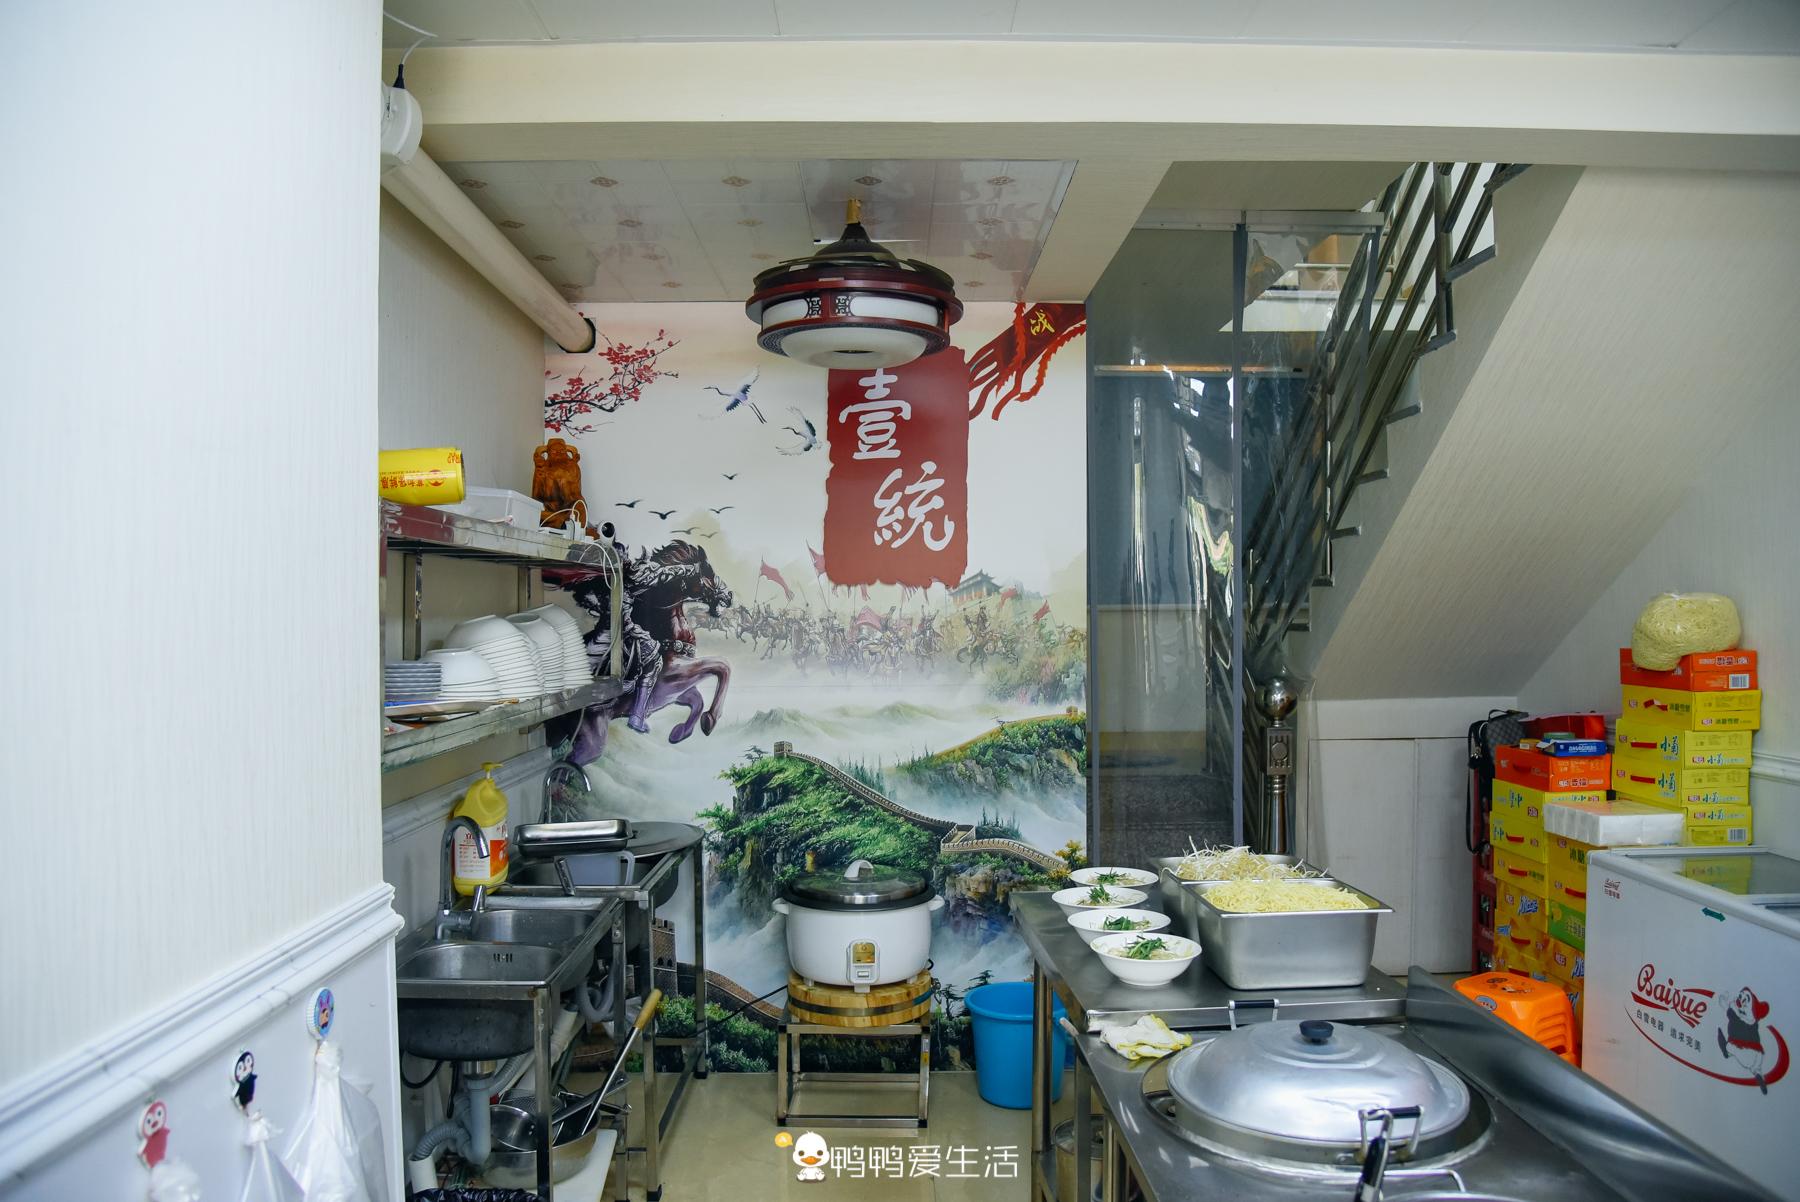 国庆假期自驾去龙海,偶遇一家沙茶面,15元加三样料,食客感叹非常好吃!